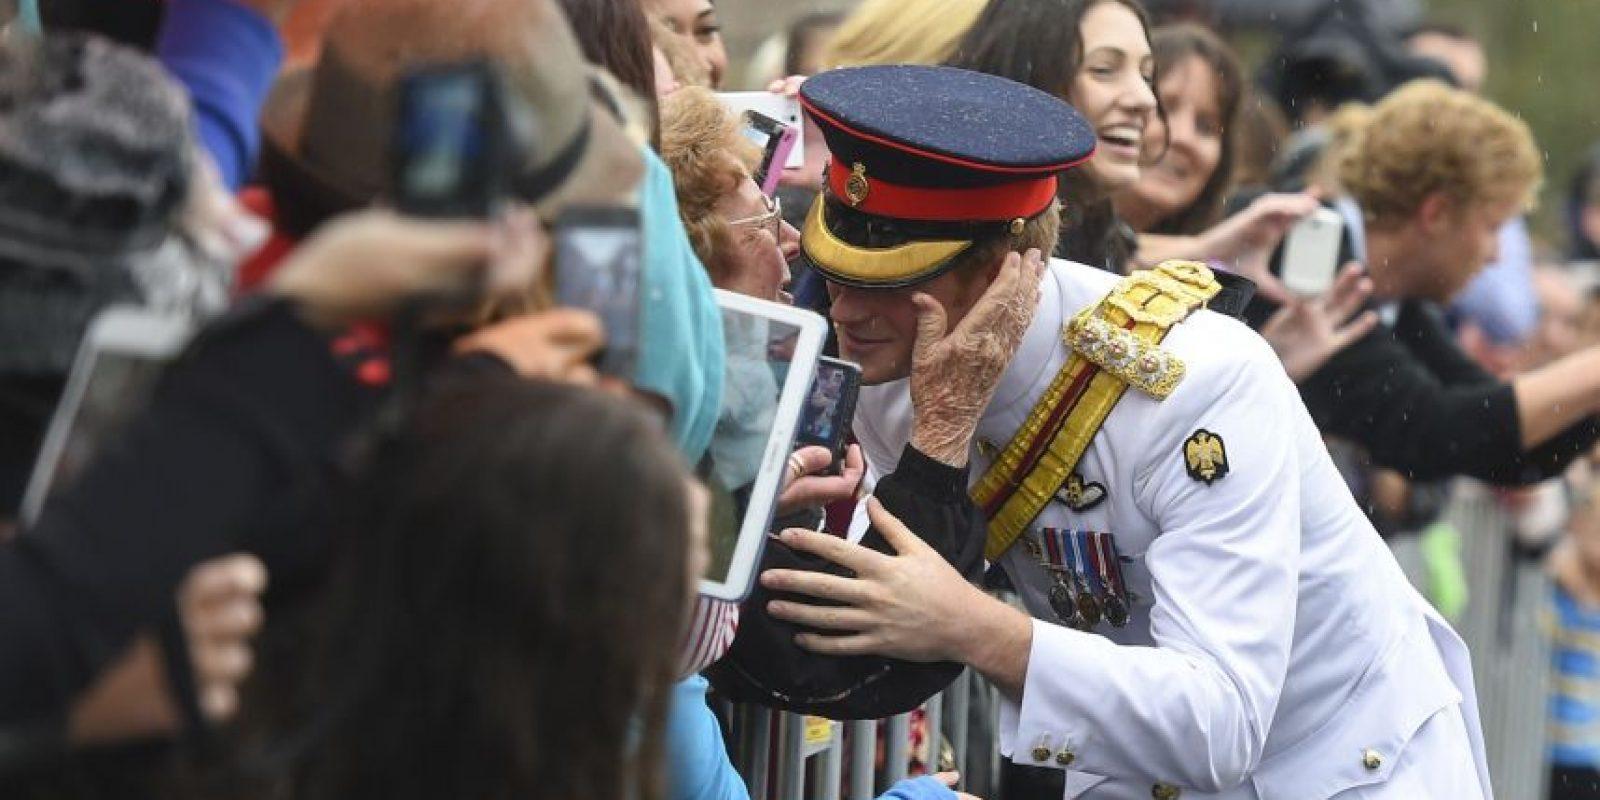 El principe Harry besa a una mujer adulta Foto:Getty Images